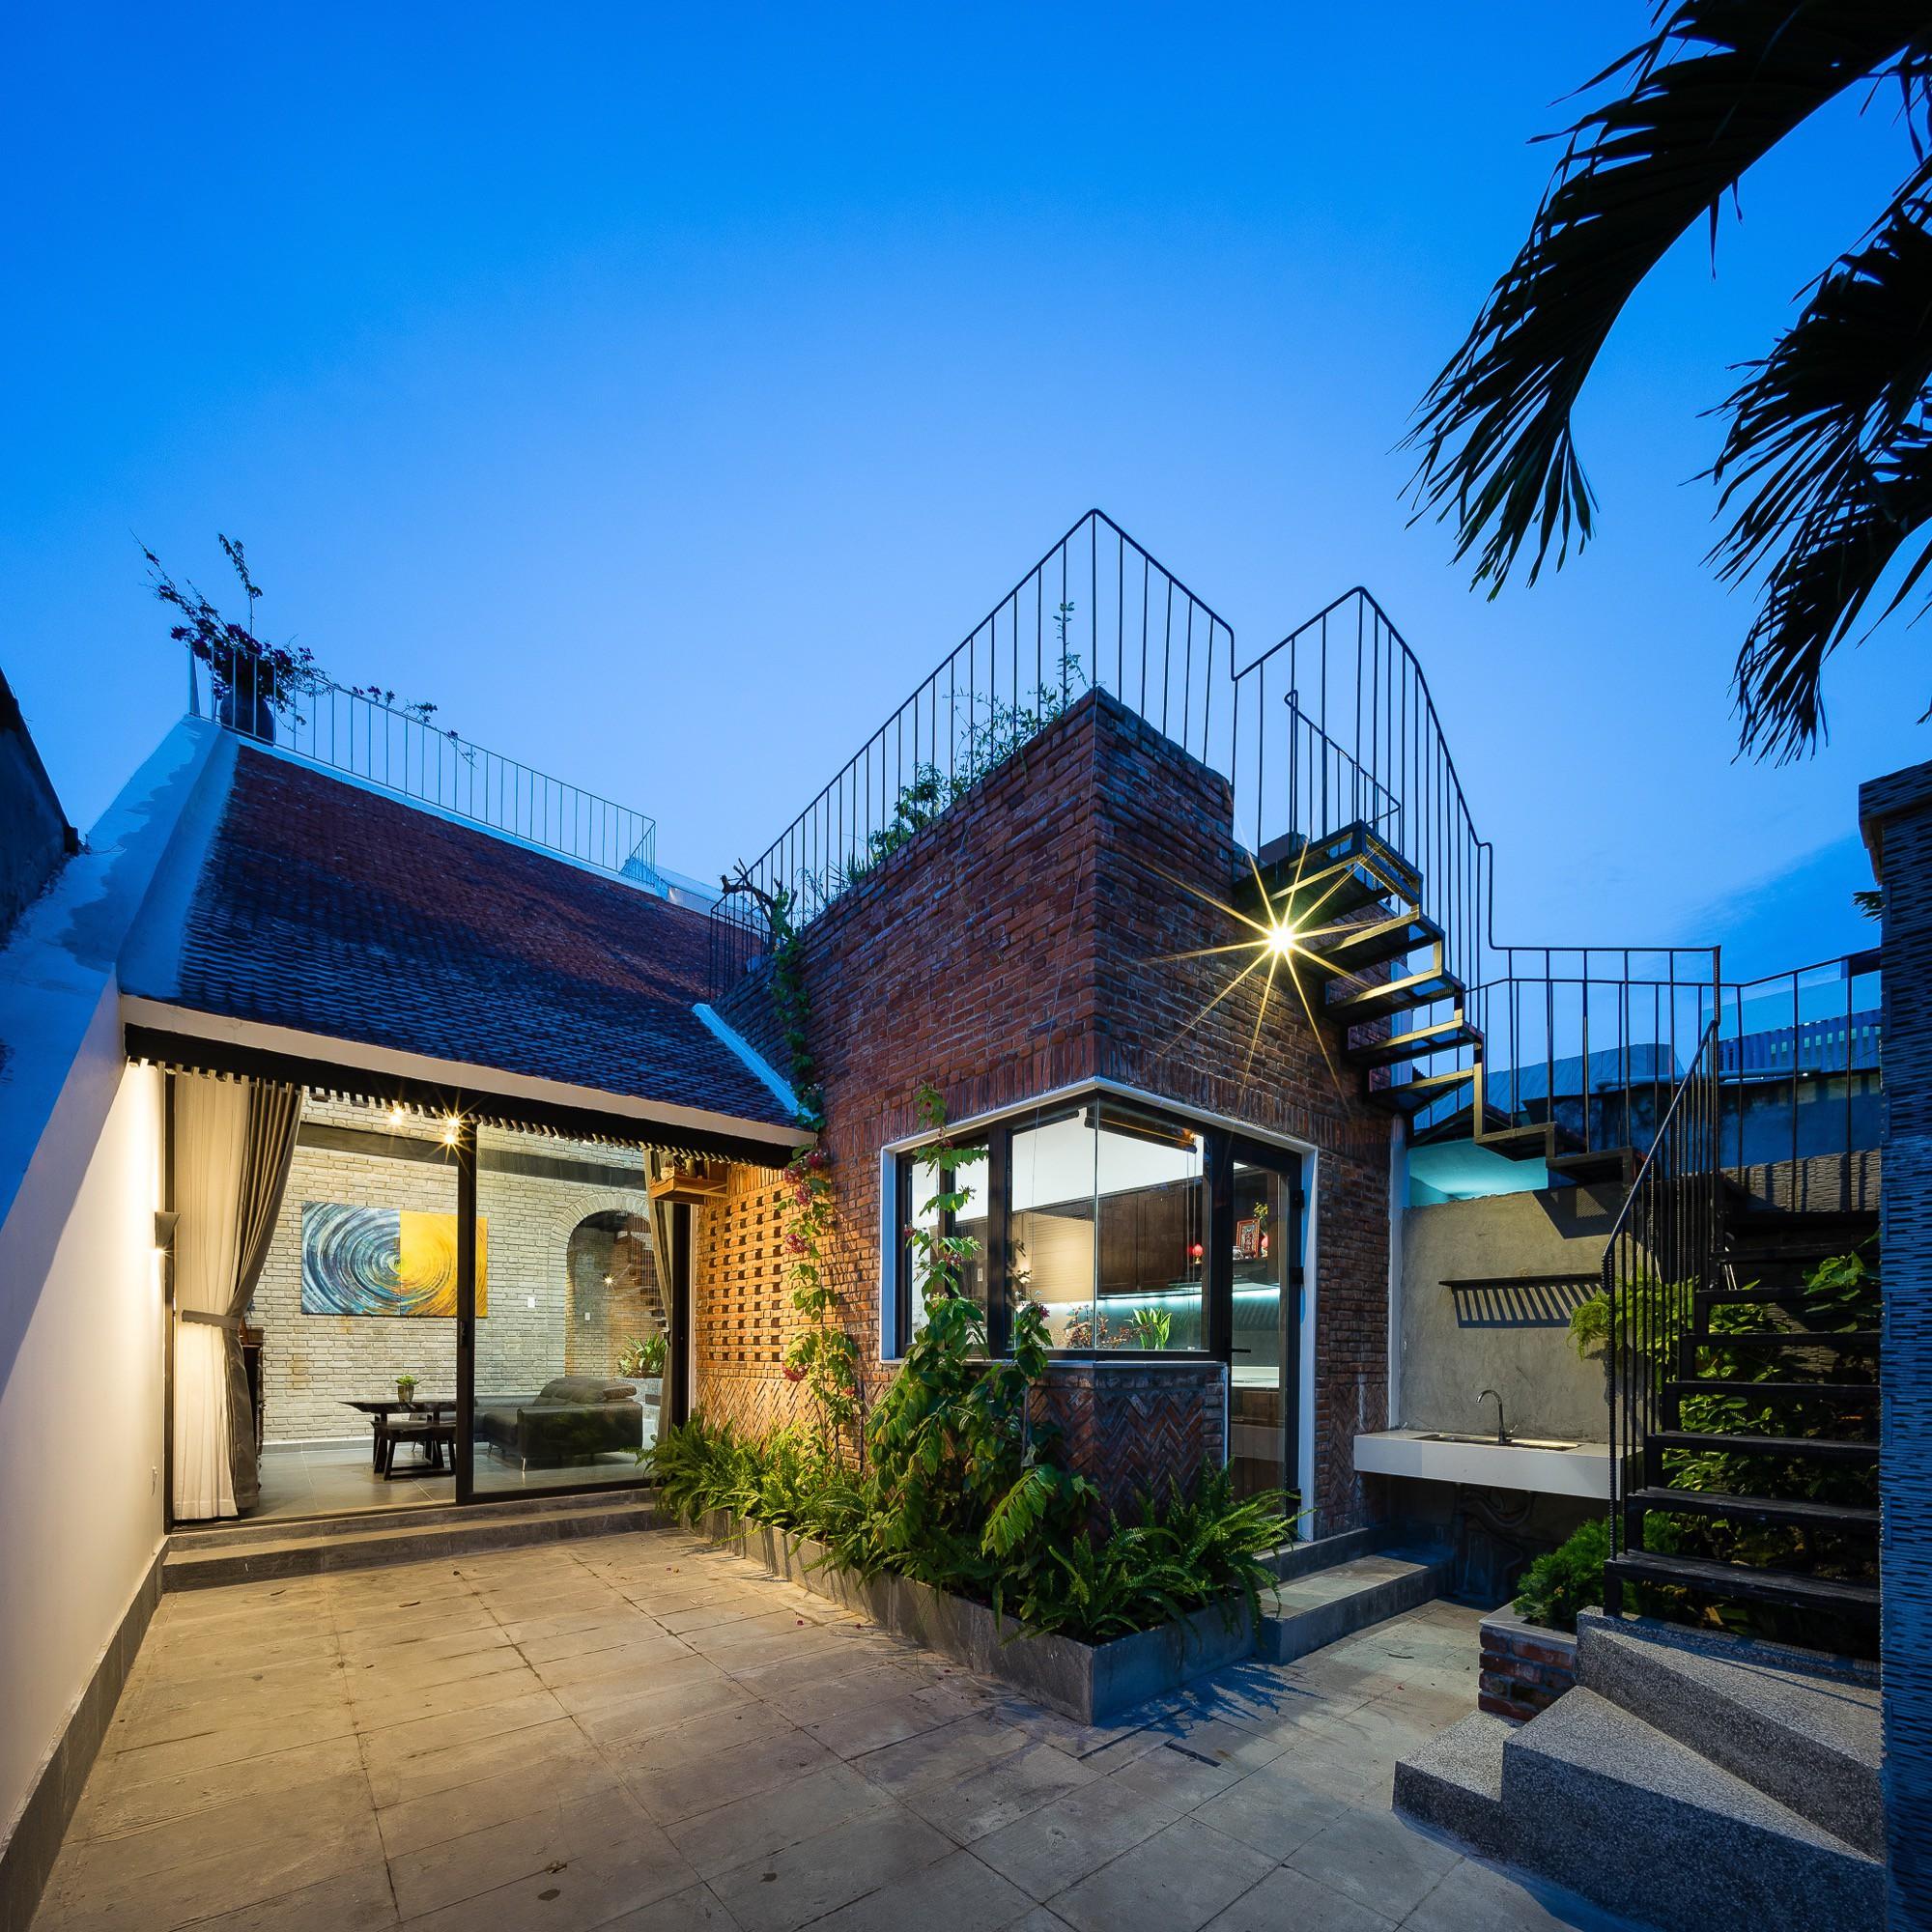 Ngôi nhà gạch 2 tầng của cặp vợ chồng già ở Đà Nẵng được tạp chí Mỹ xuýt xoa khen ngợi - Ảnh 2.